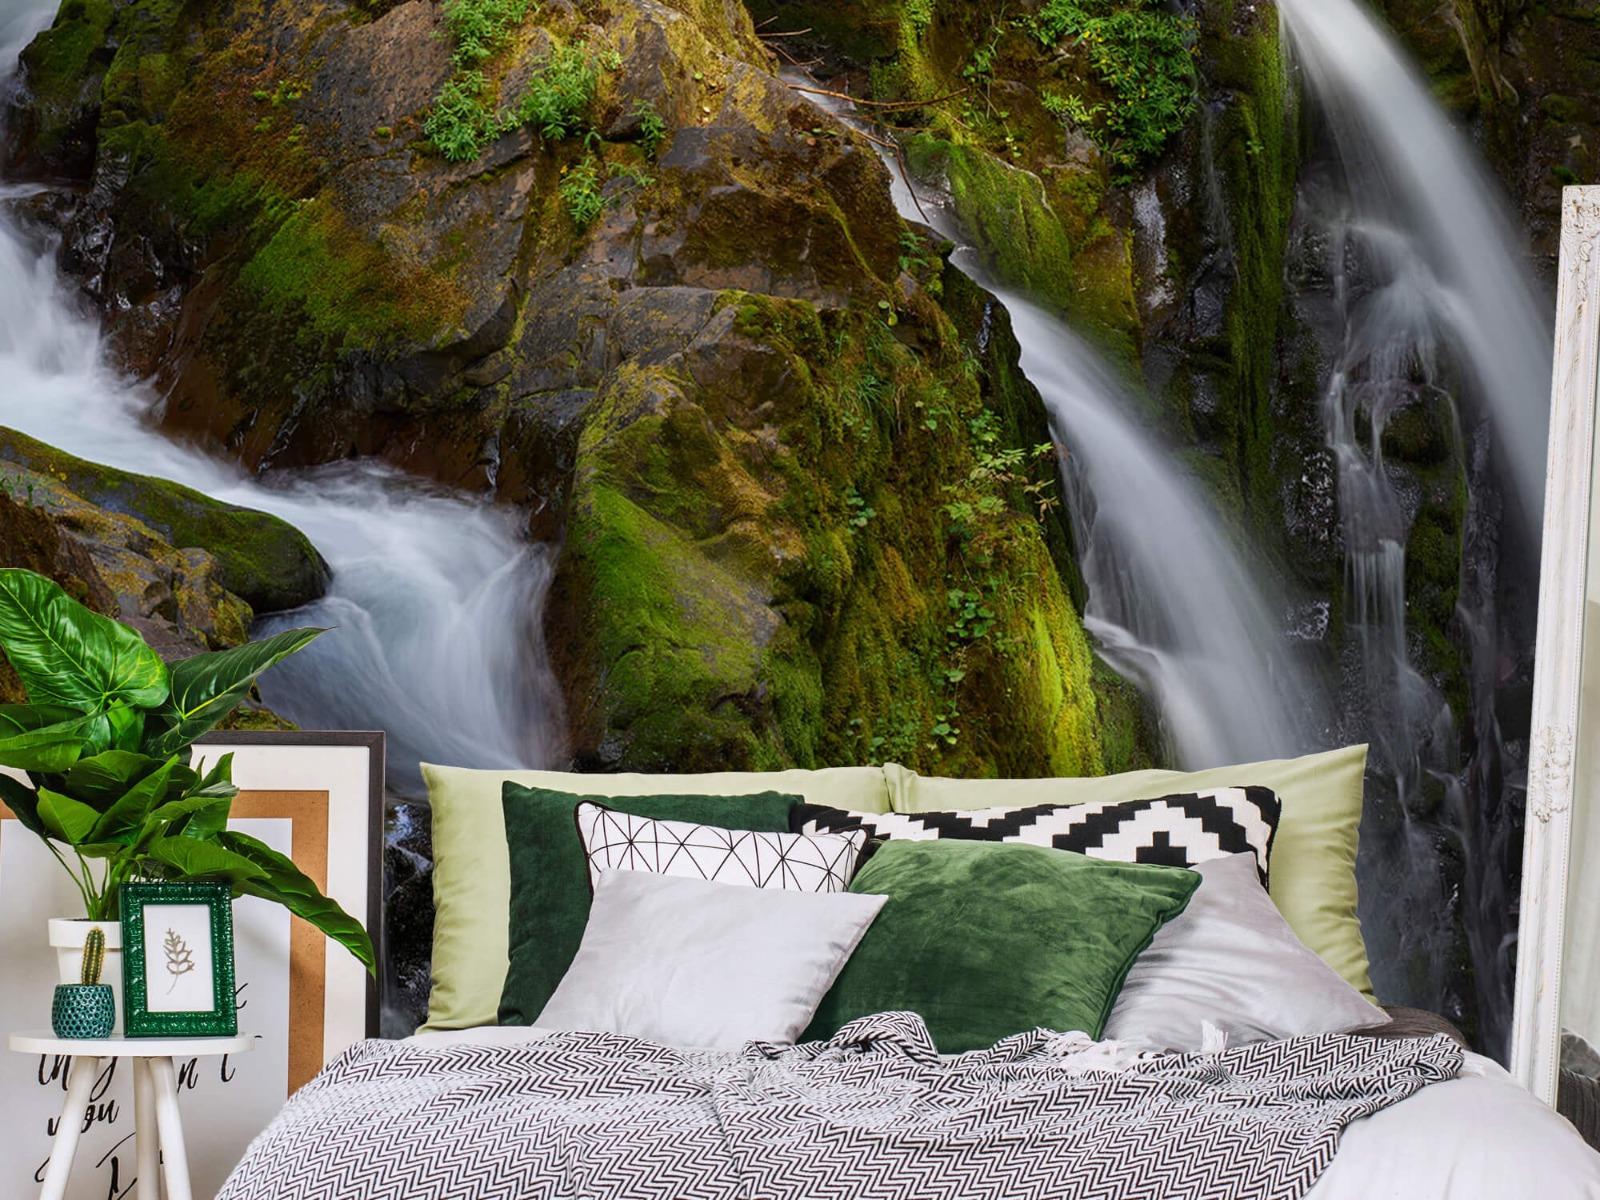 Watervallen - Driedubbele waterval - Slaapkamer 13